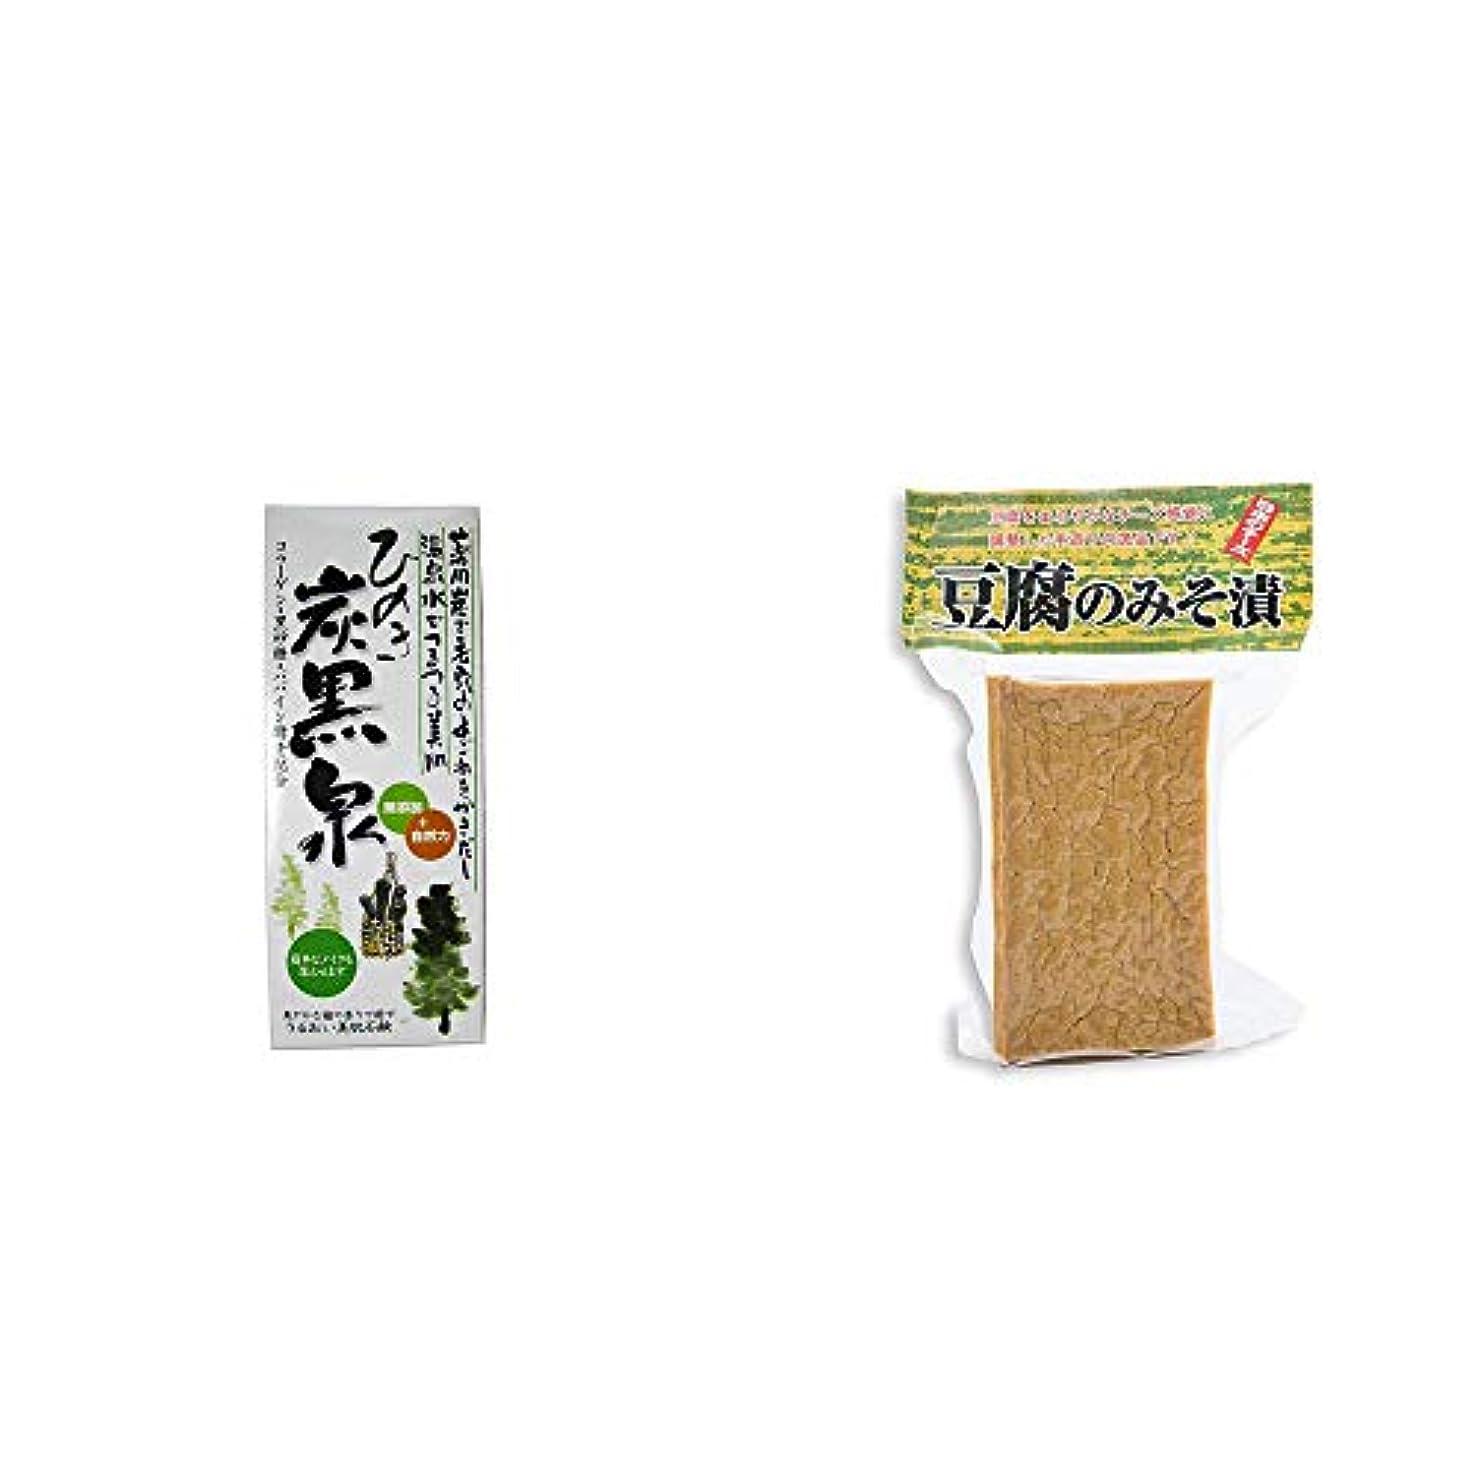 自動車雰囲気良さ[2点セット] ひのき炭黒泉 箱入り(75g×3)?日本のチーズ 豆腐のみそ漬(1個入)